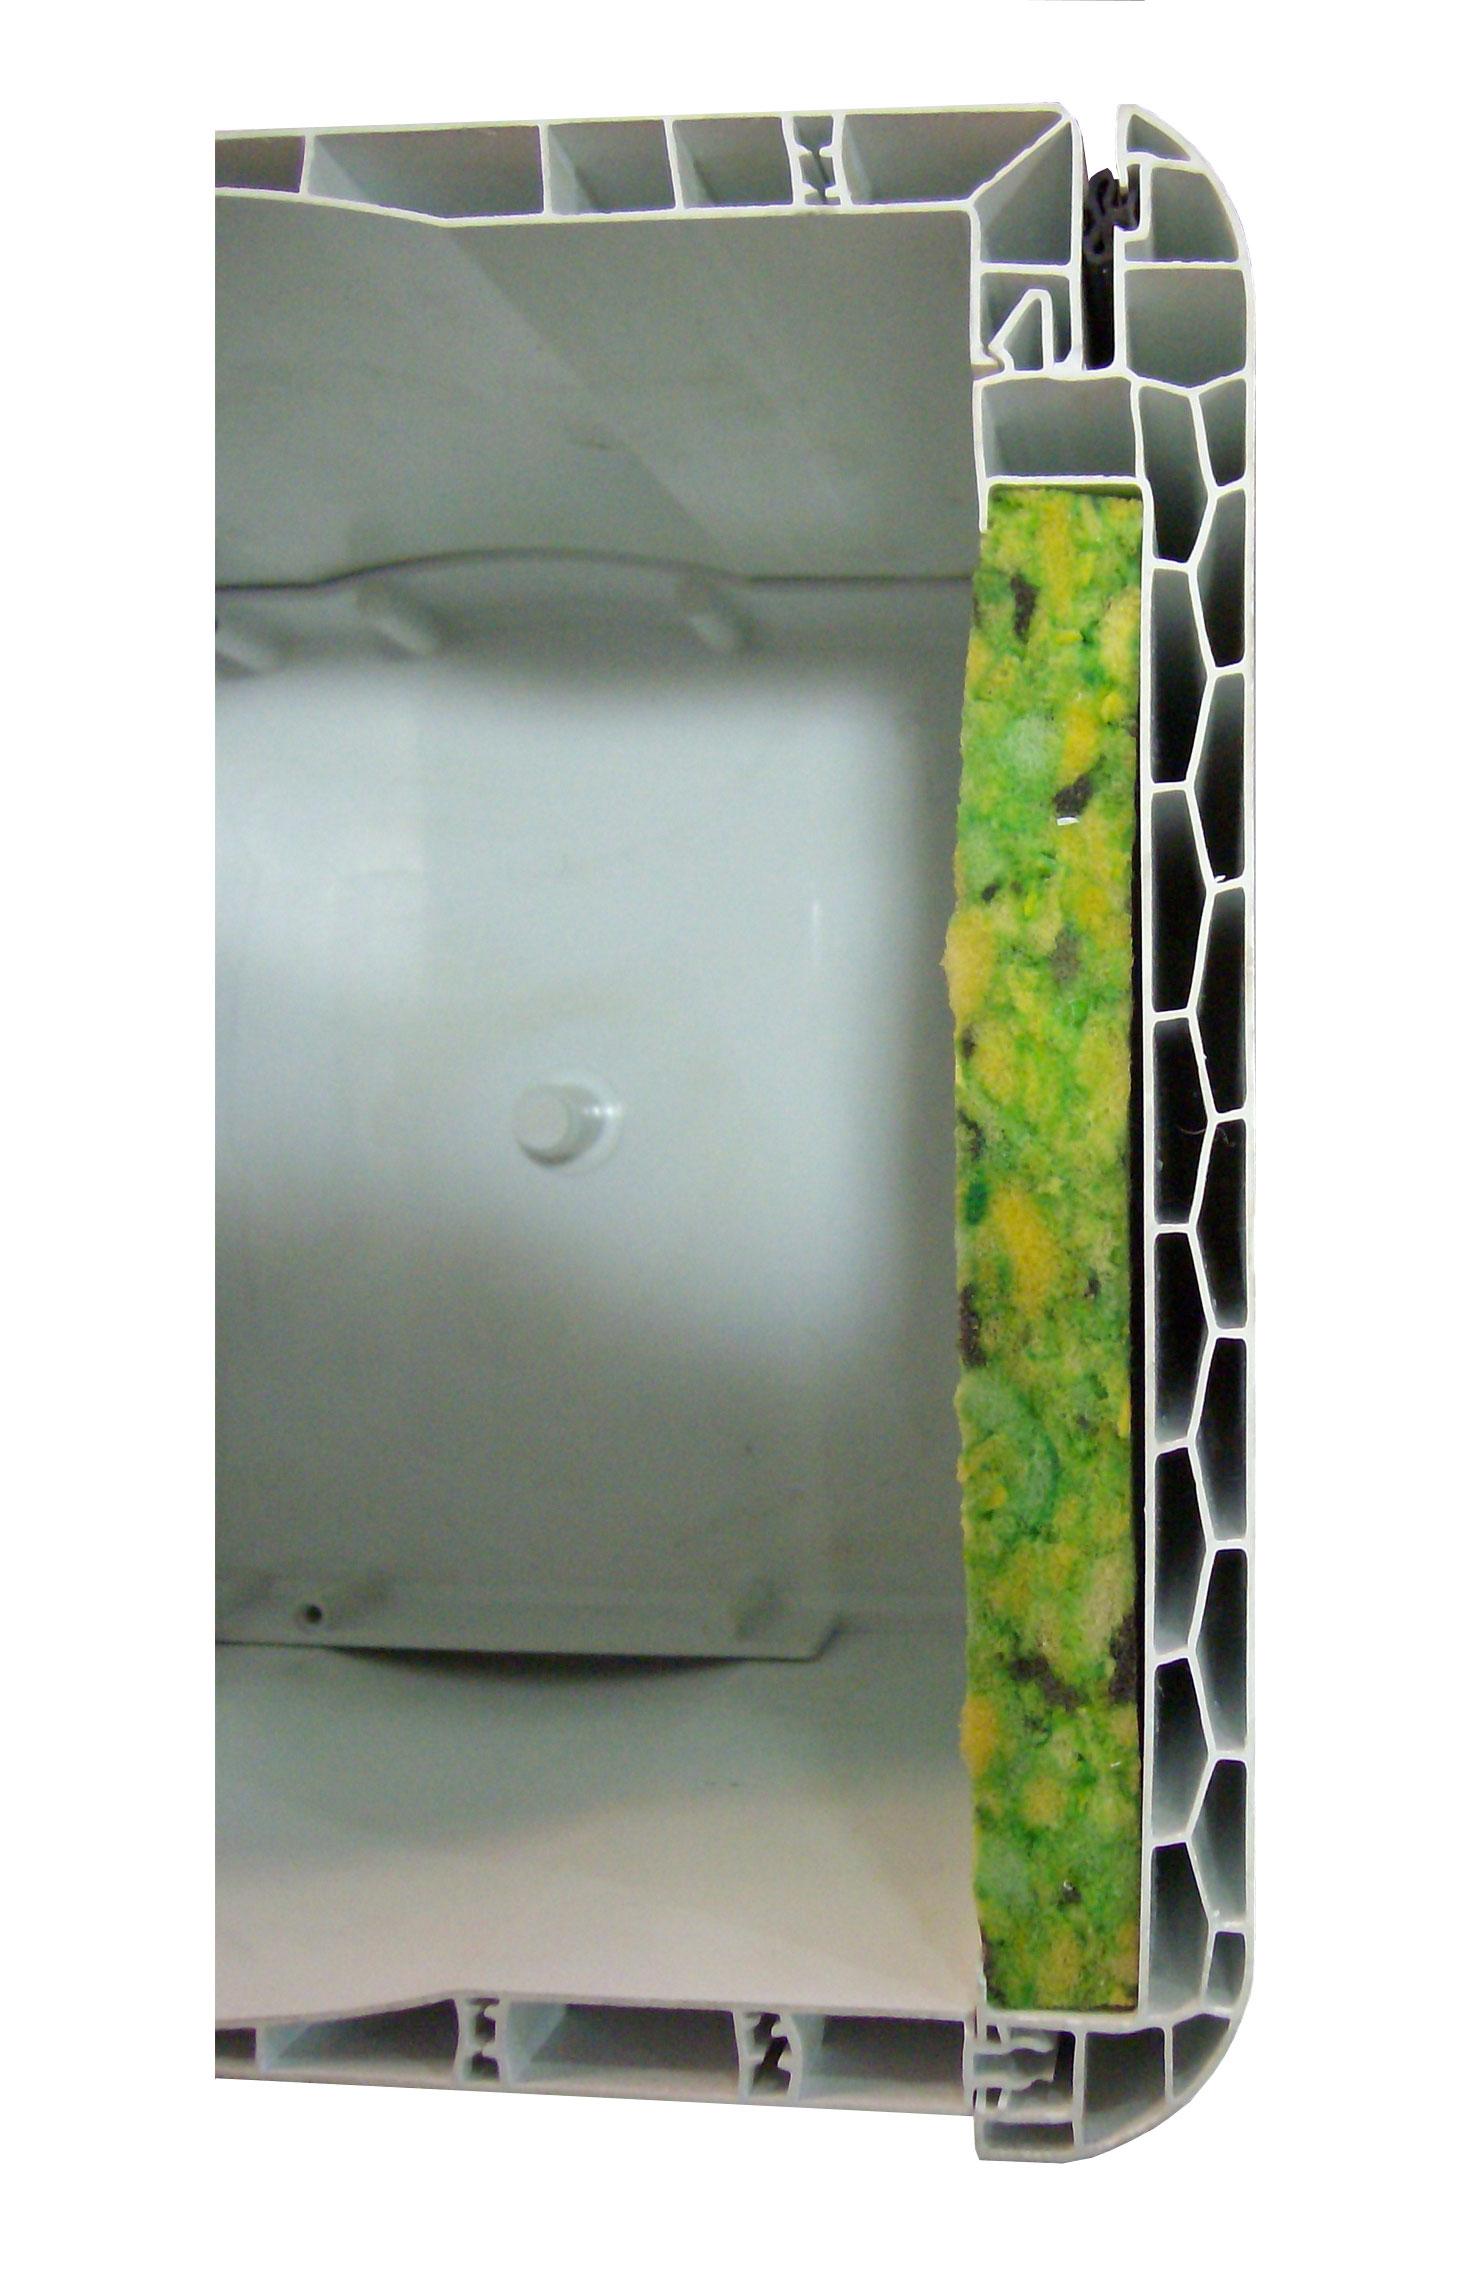 Detalla cajón de persiana